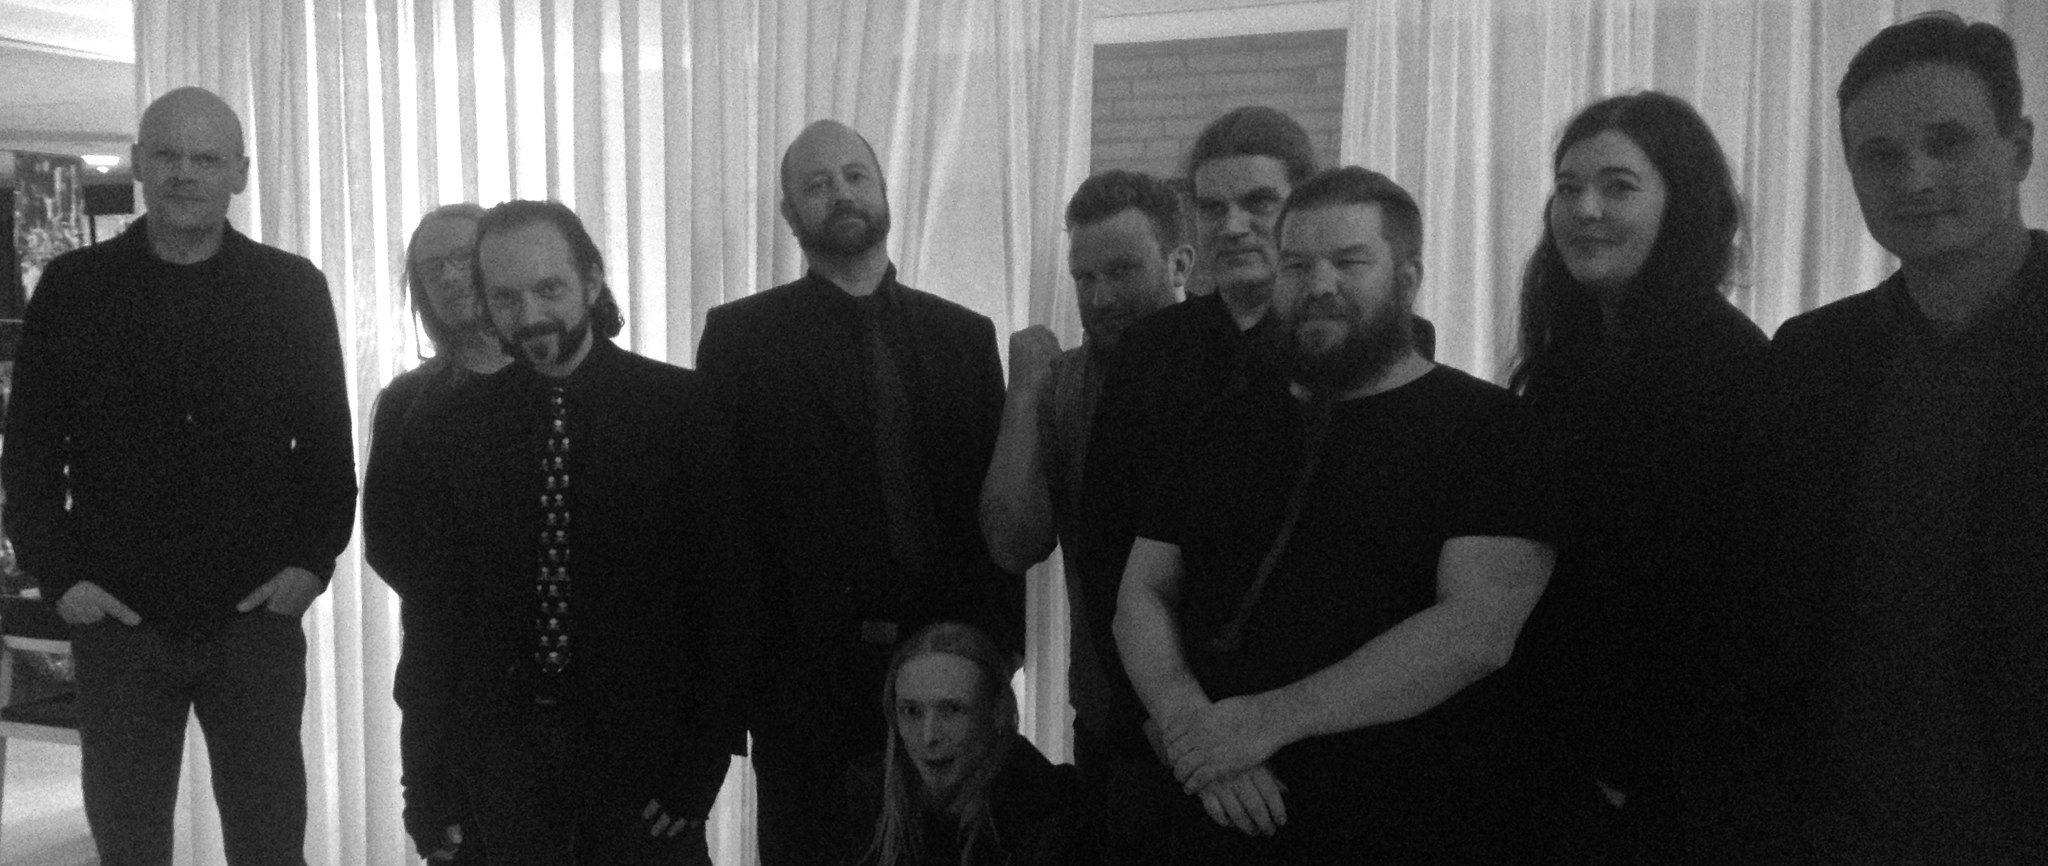 Fra venstre: Dennis Jürgensen, Henrik Sandbeck Harksen, L. G. Jensen, Jacob Hedegaard Pedersen, Martin Schjönning, Jacob Krogsøe, Steen Langstrup, Michael Kamp, Mette Finderup og Christian Reslow